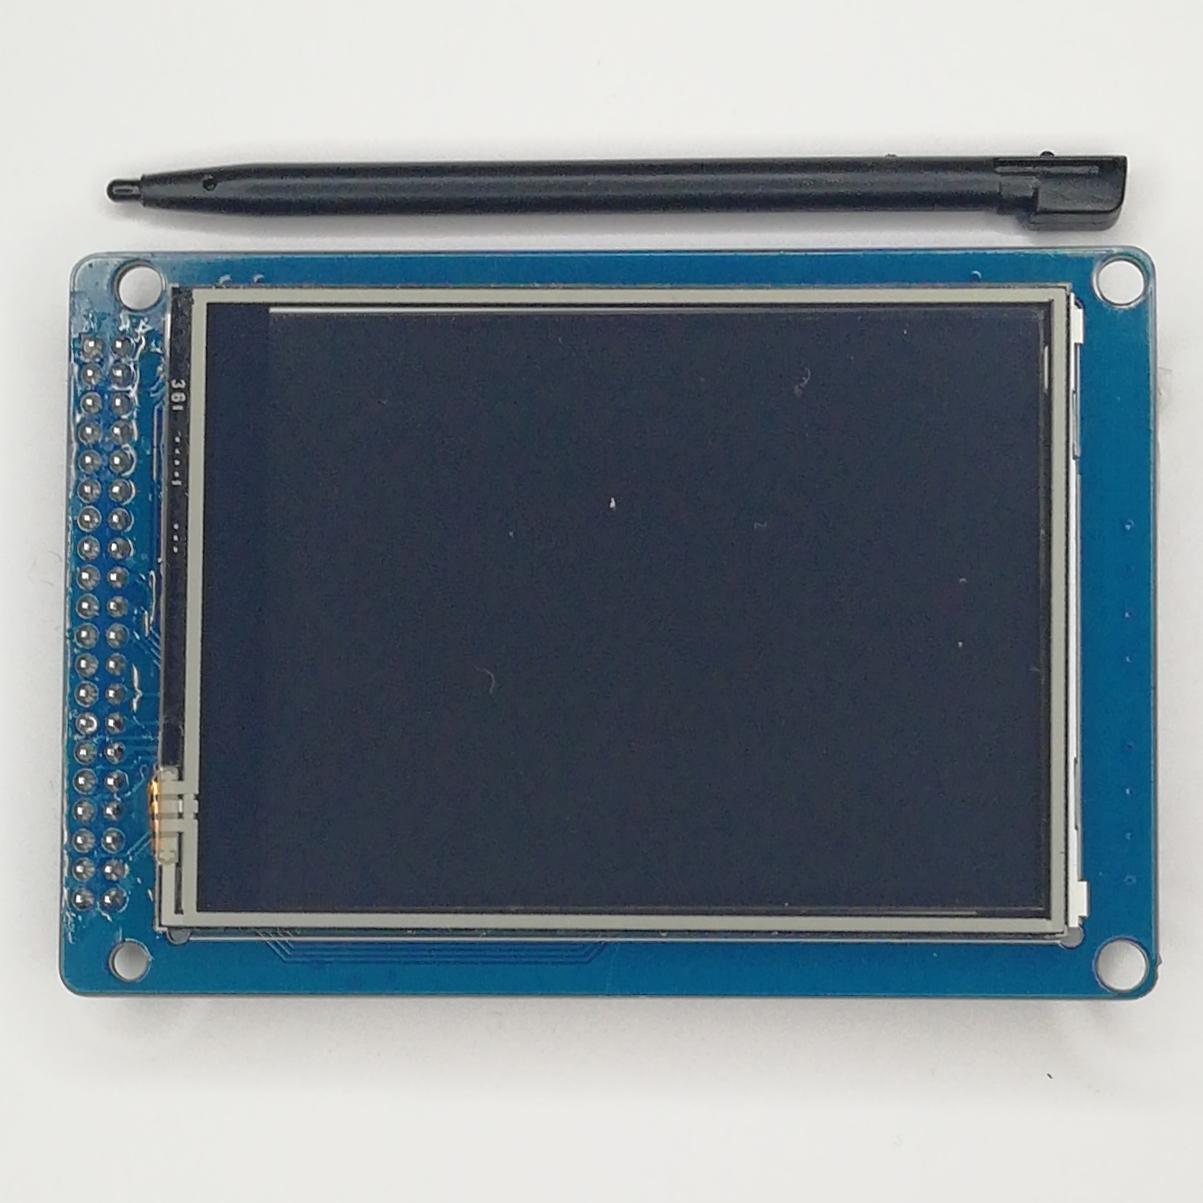 Цветной сенсорный графический TFT-экран 3,2